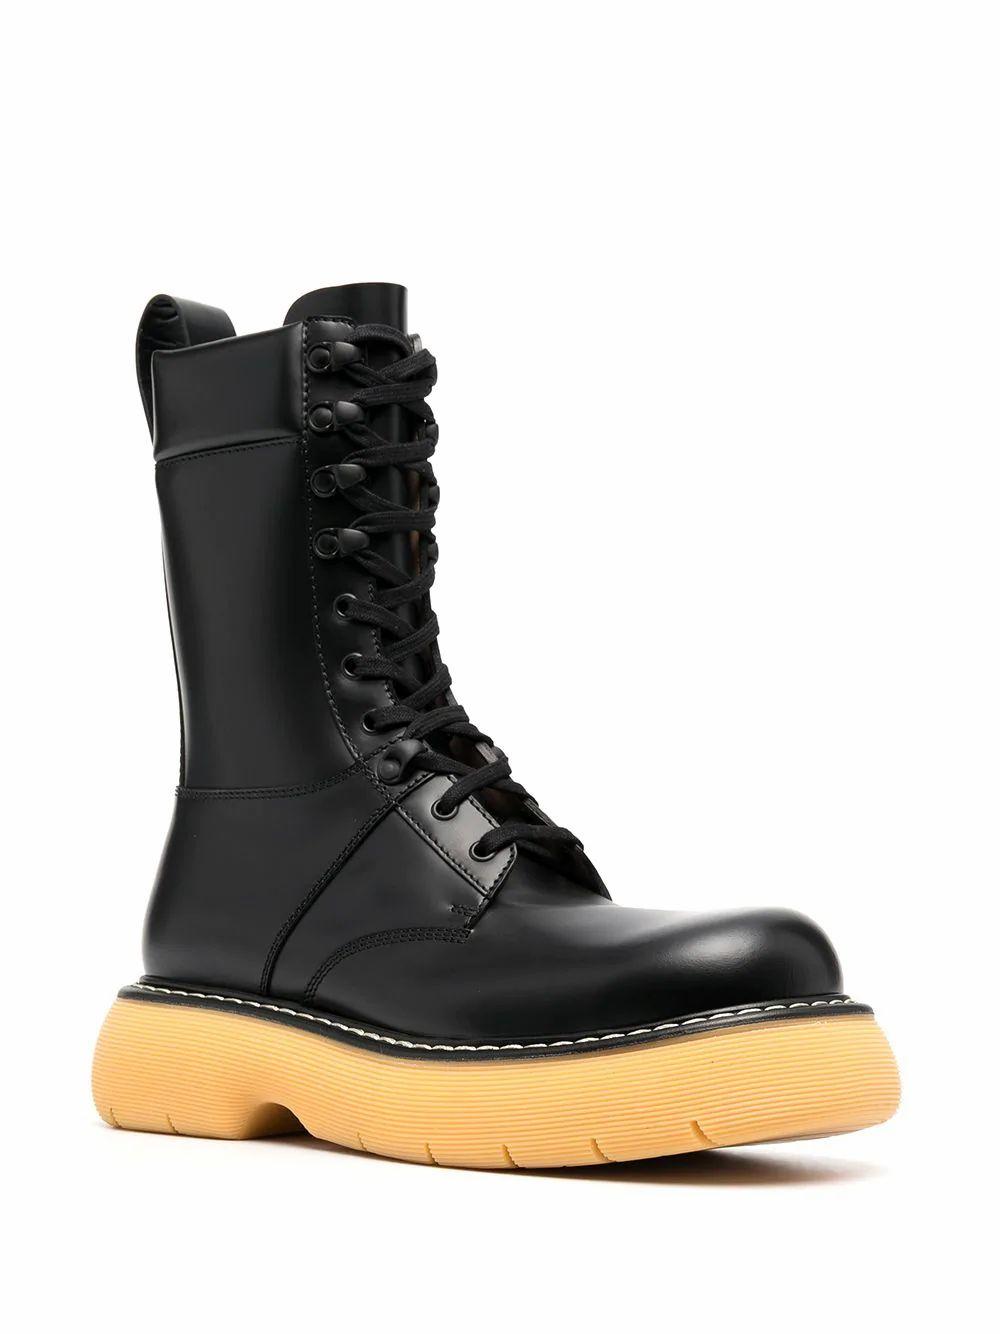 BOTTEGA VENETA Leathers BOTTEGA VENETA MEN'S BLACK LEATHER ANKLE BOOTS